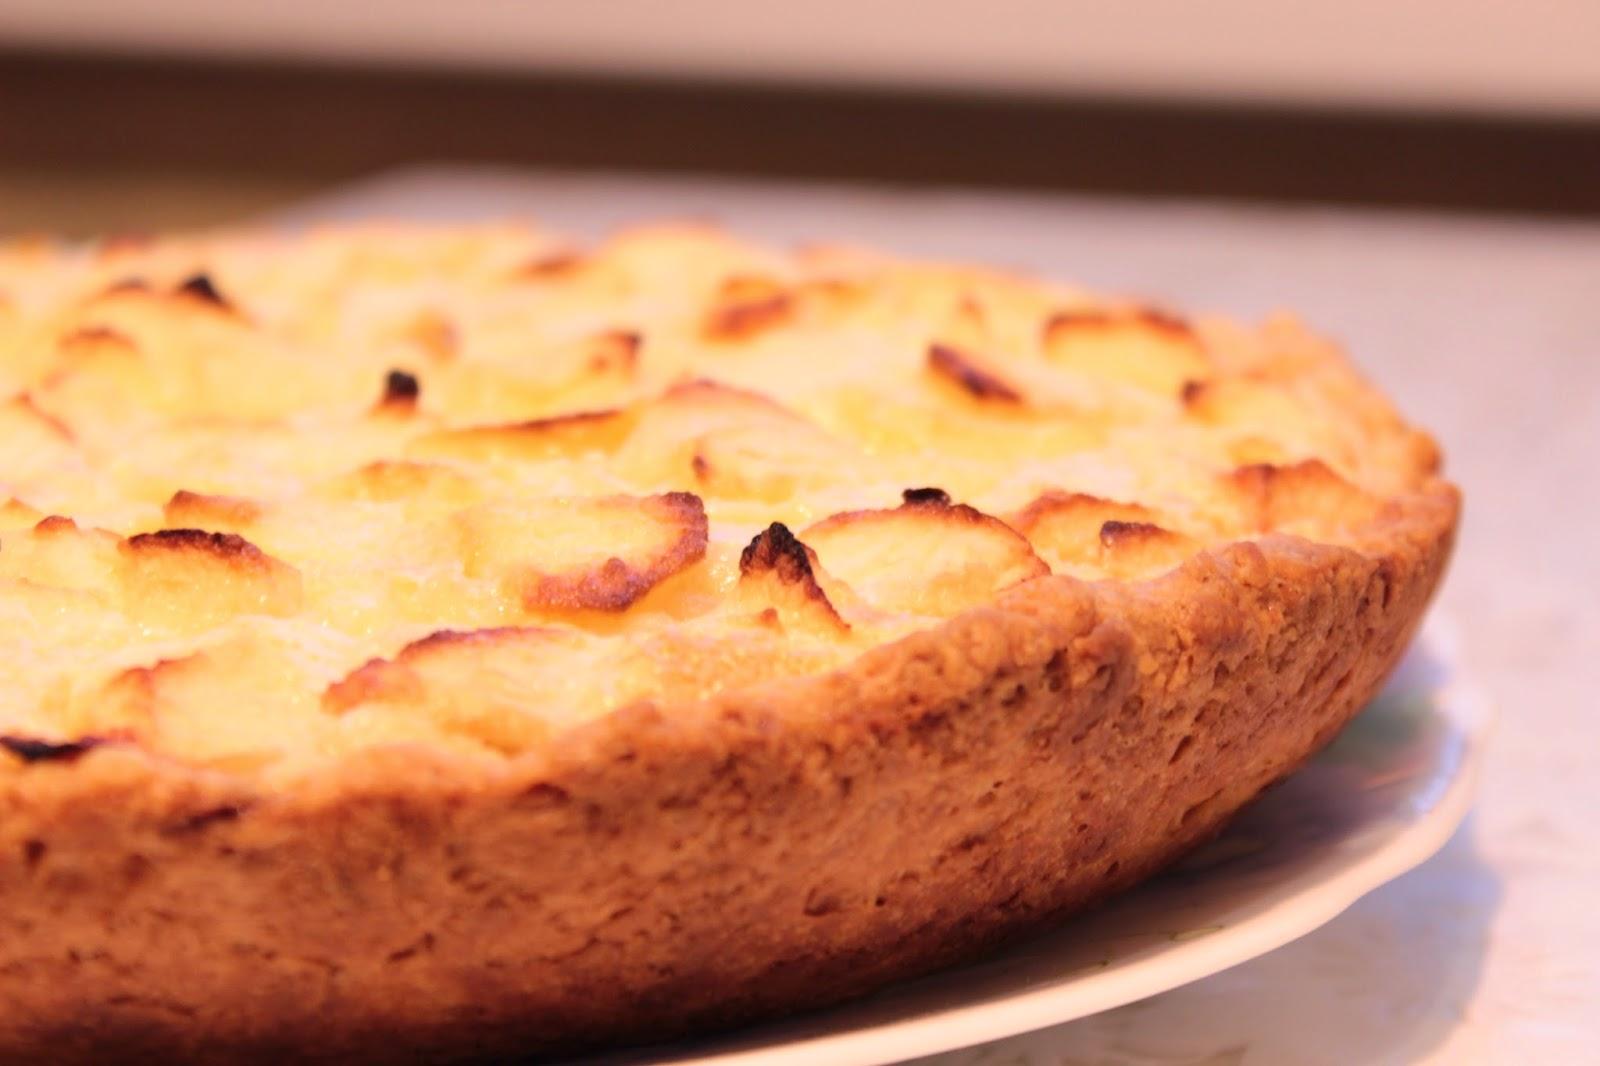 десерты, пирог, очень вкусный пирог, пирог с начинкой